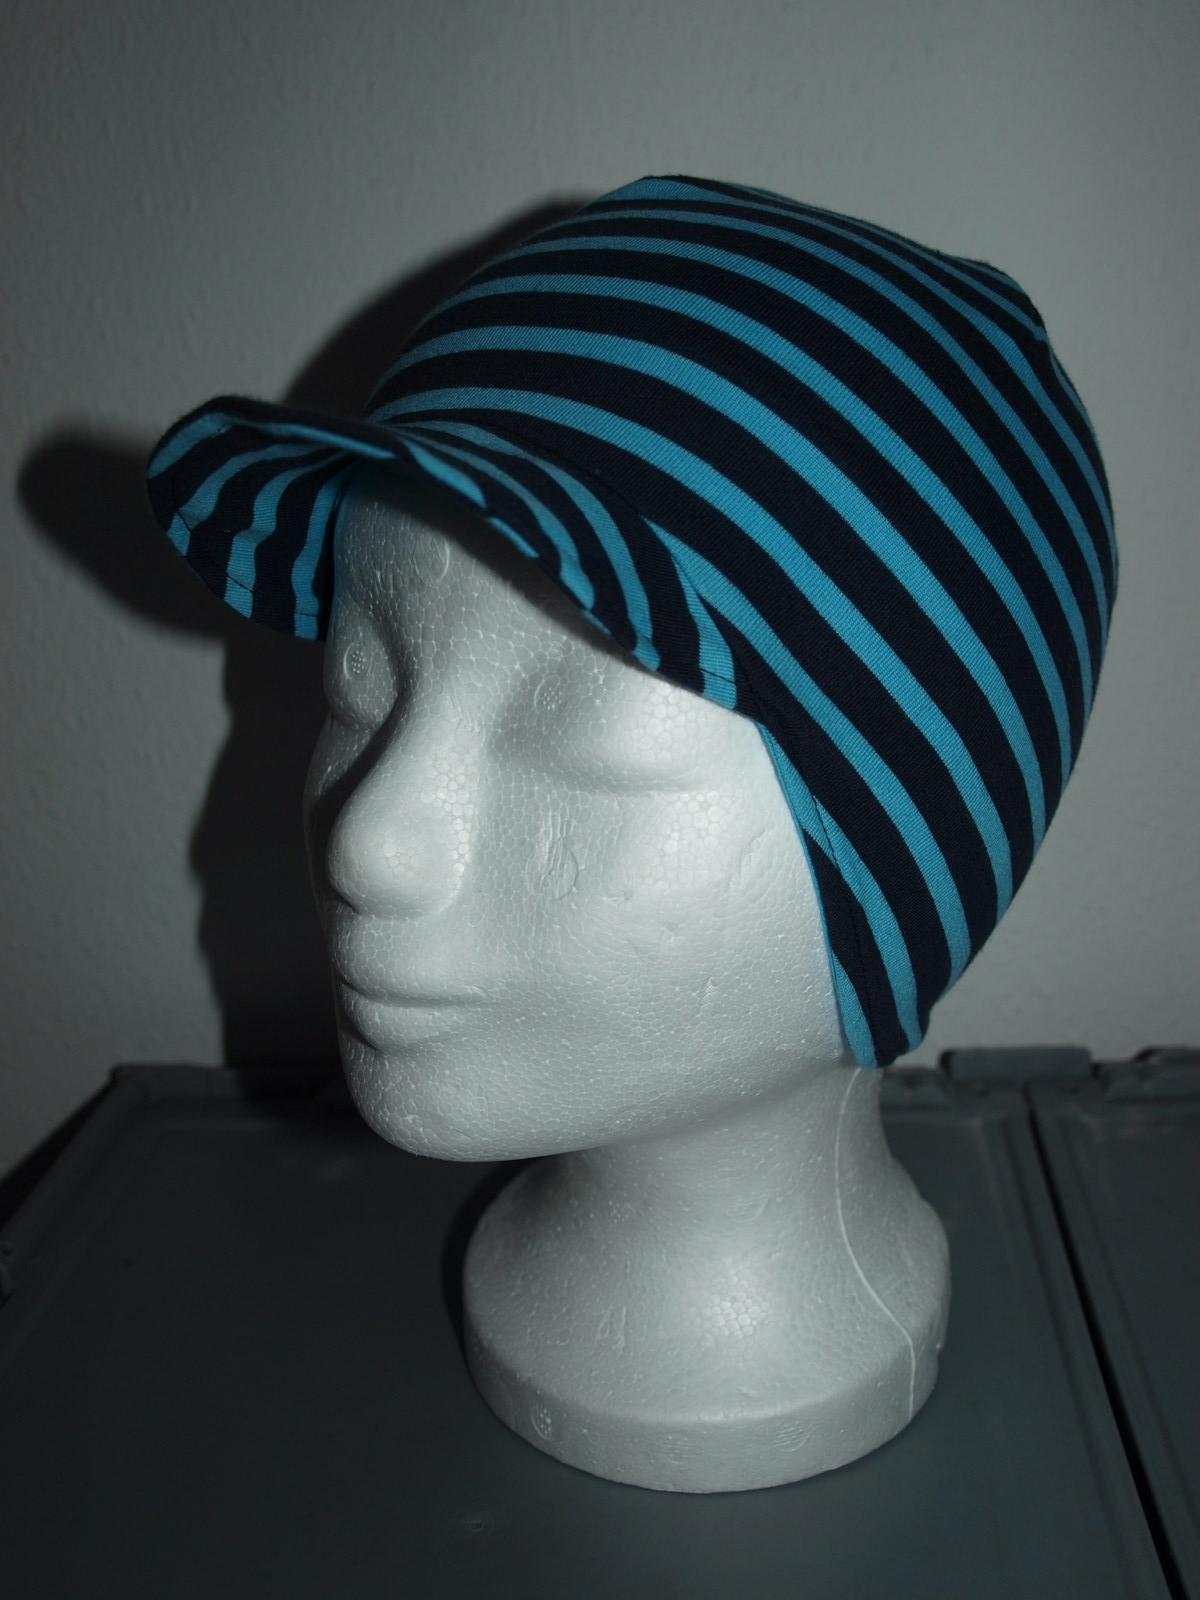 struppi 39 s baustelle m tze mit schirm und noch ein bandana. Black Bedroom Furniture Sets. Home Design Ideas